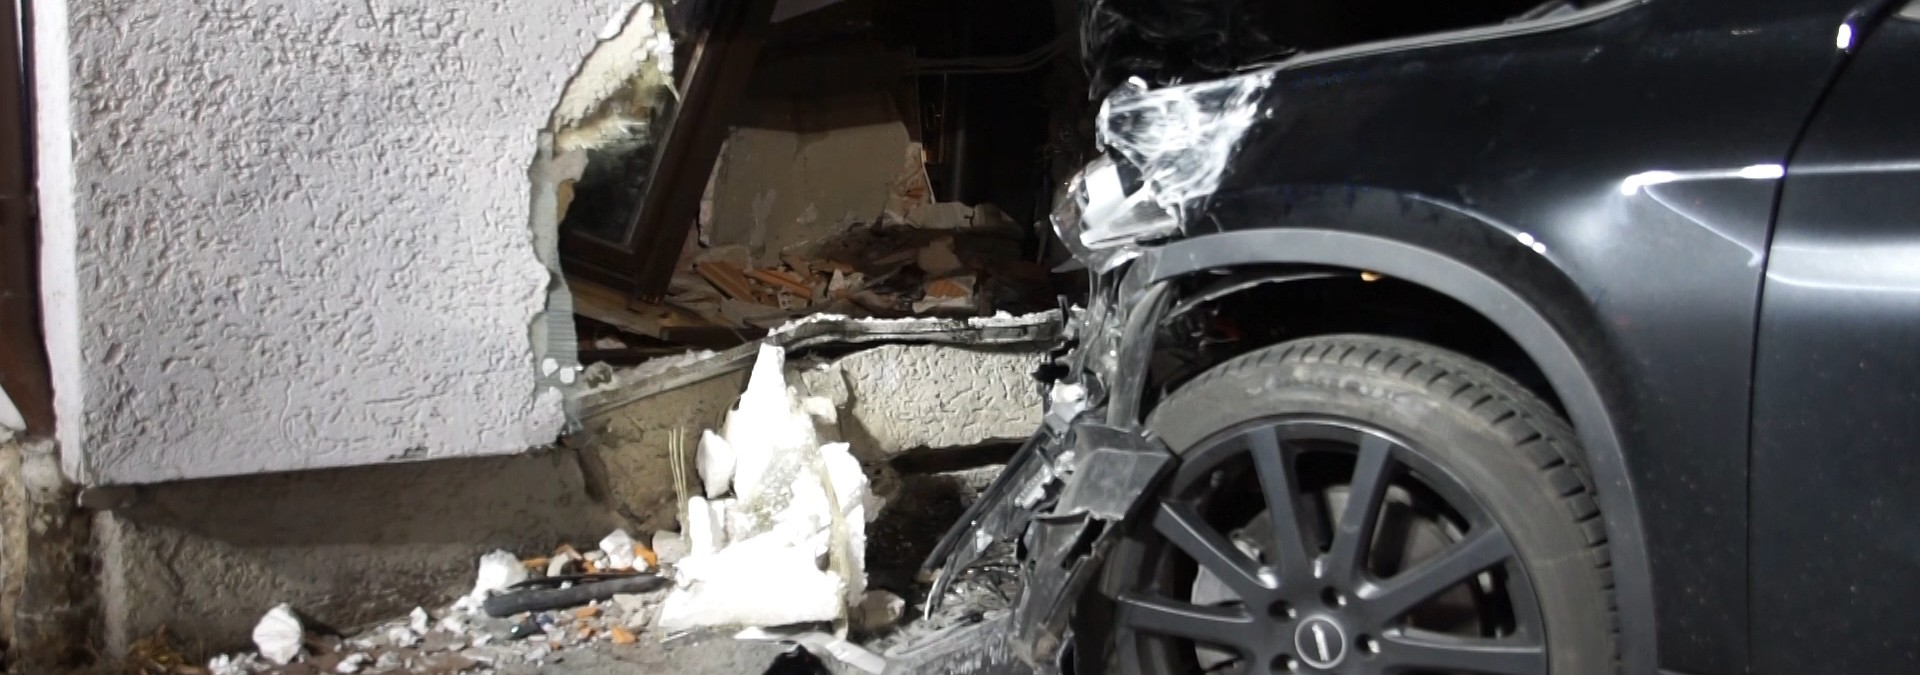 SUV rammt Hauswand